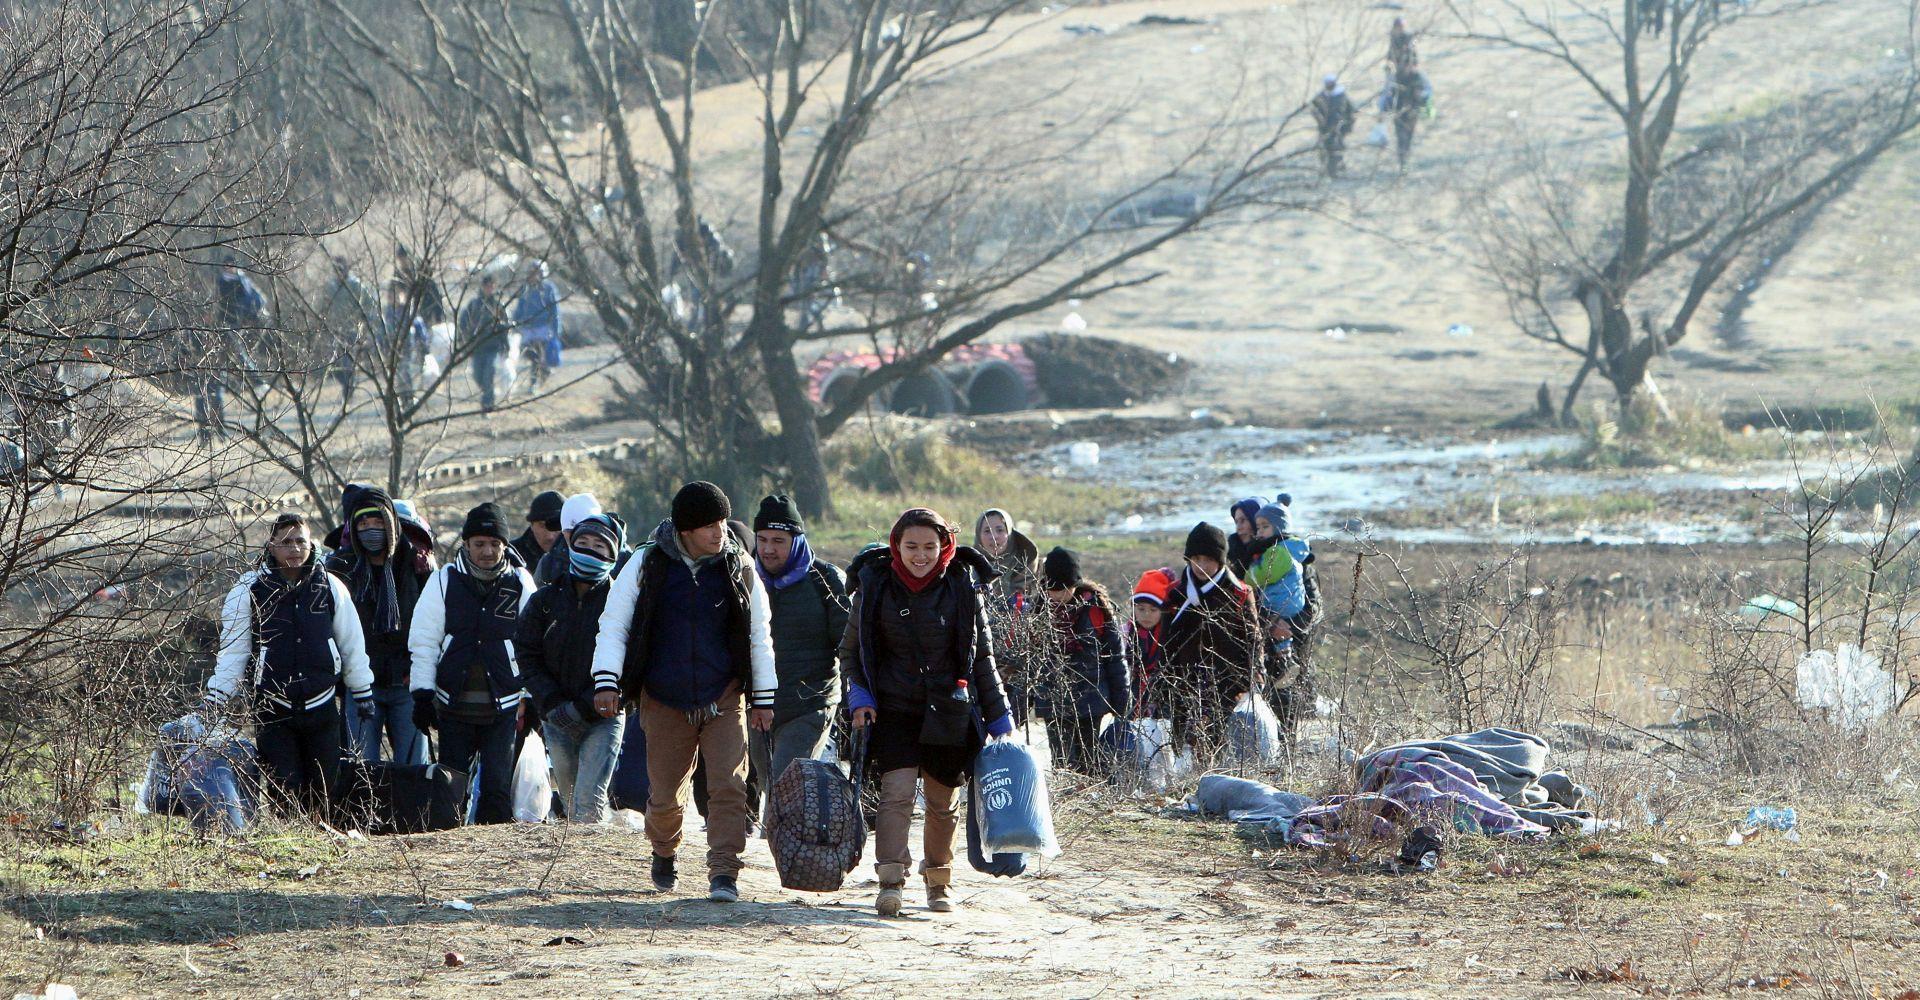 Njemačke savezne države potrošit će za izbjeglice 2016. 17 milijarda eura